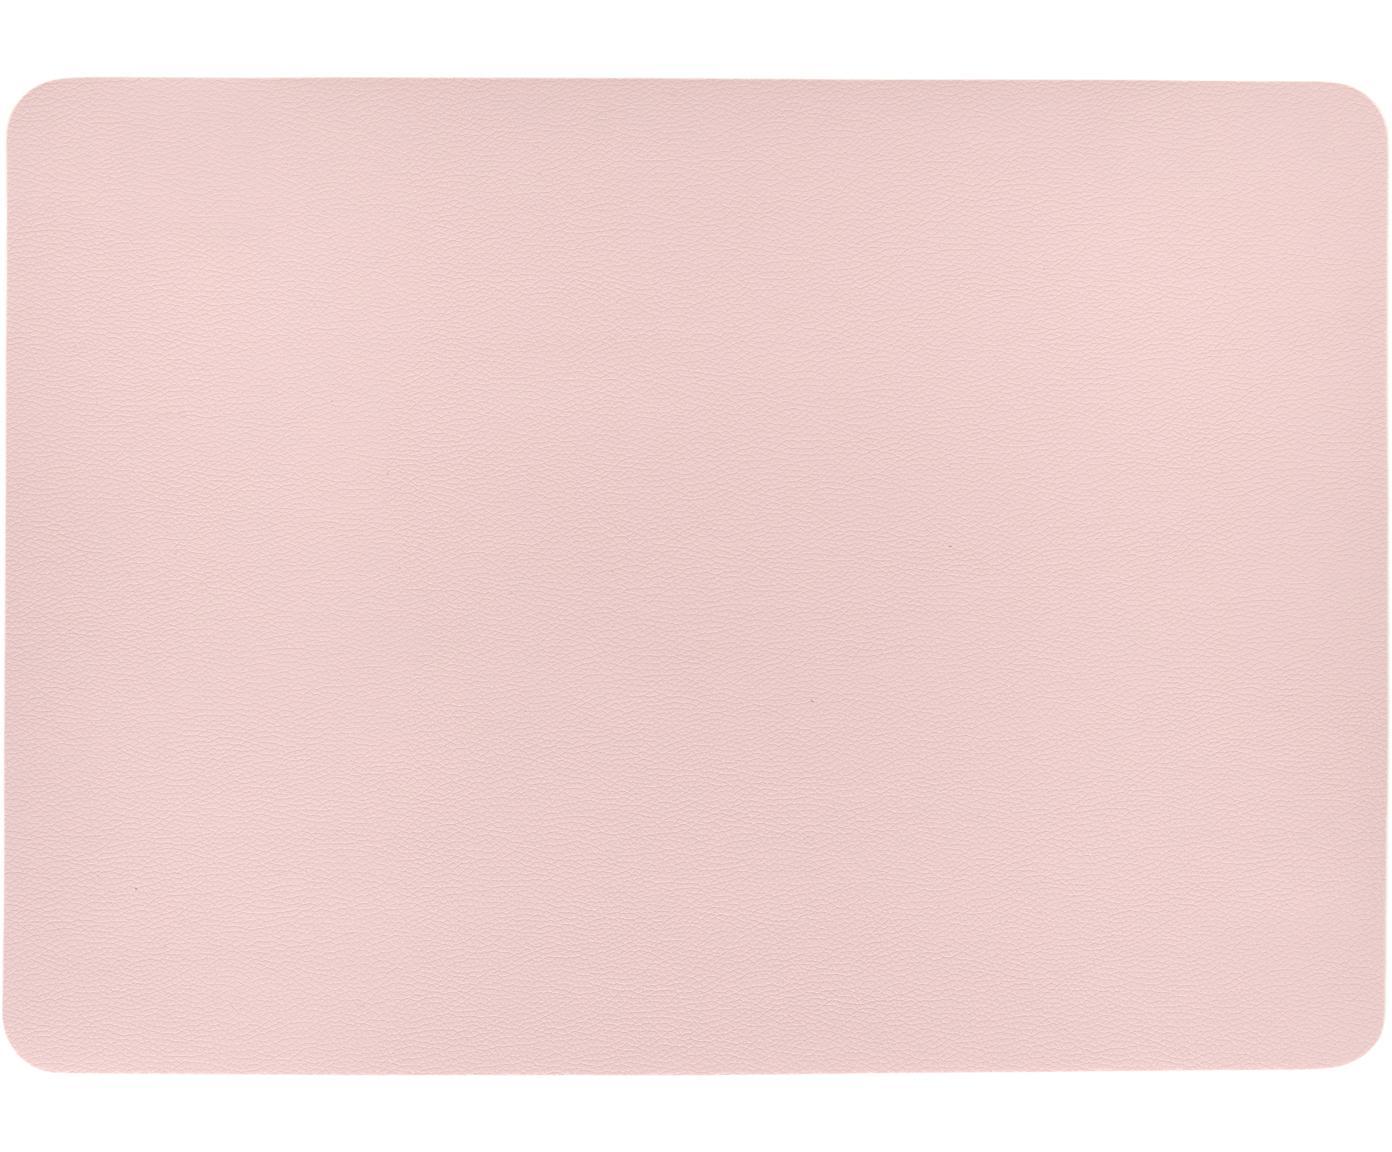 Kunststoffen placemats Pik van kunstleer, 2 stuks, Kunststof (PVC) van kunstleer, Roze, 33 x 46 cm